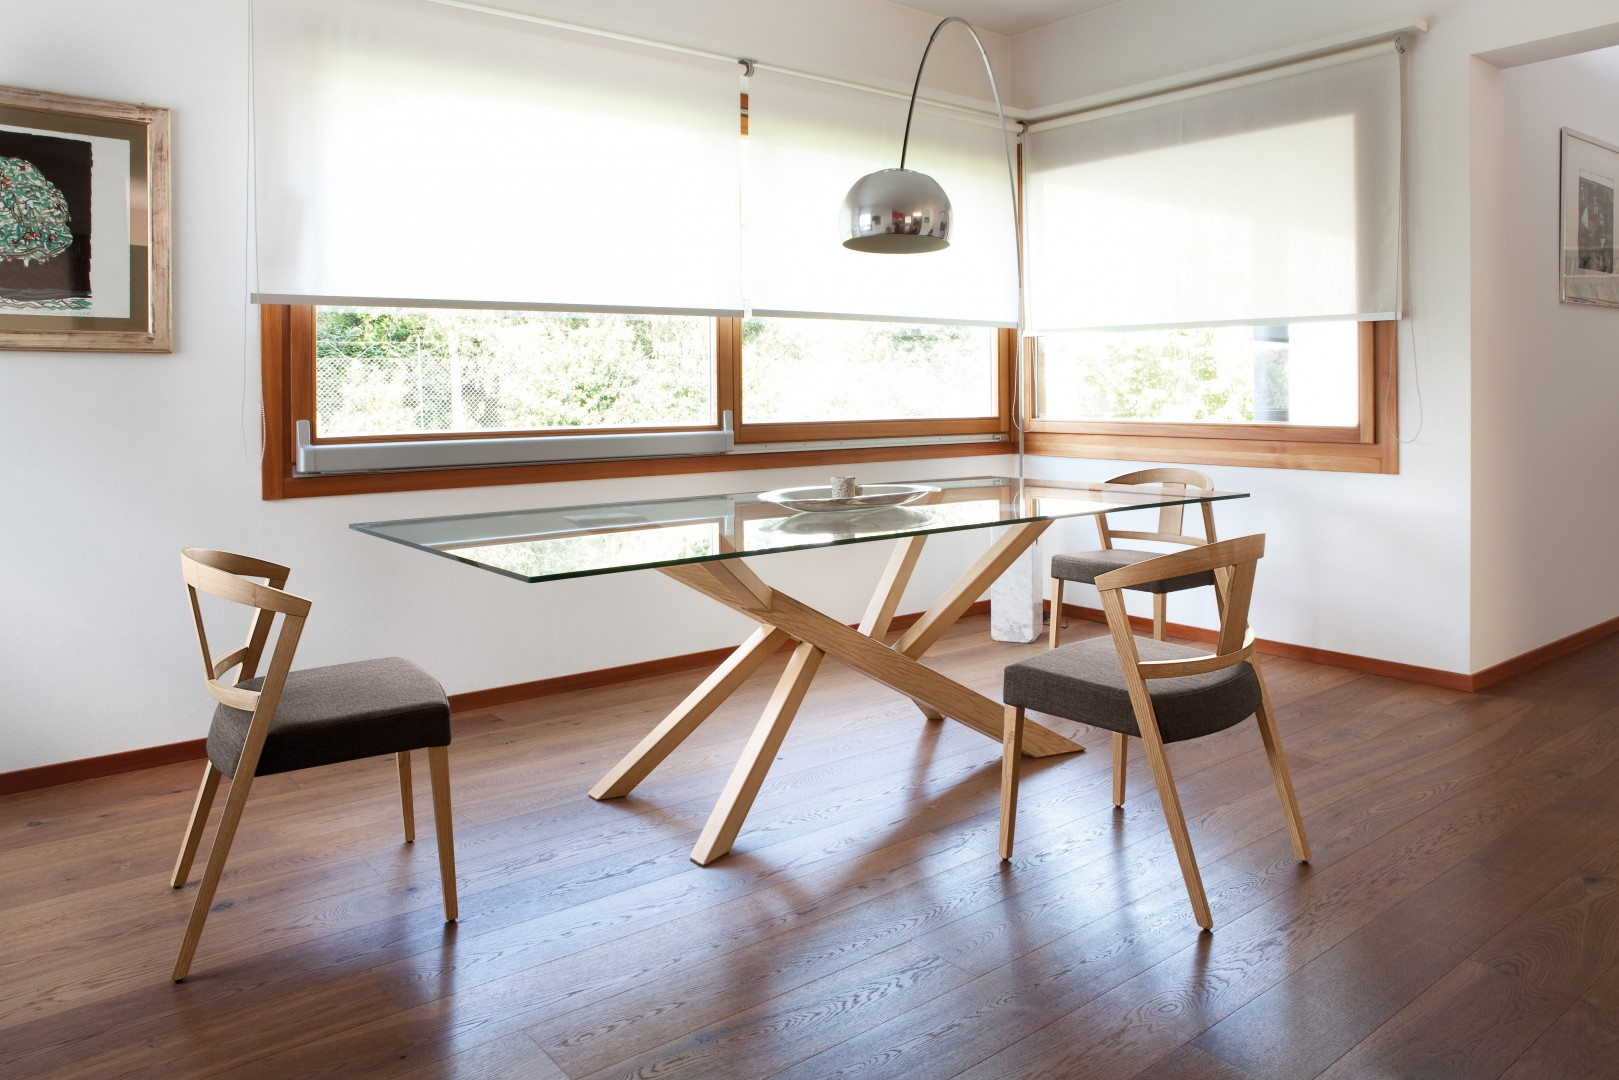 Wspaniały Wybieramy meble - Stół ze szklanym blatem - idealny do nowoczesnej SP26